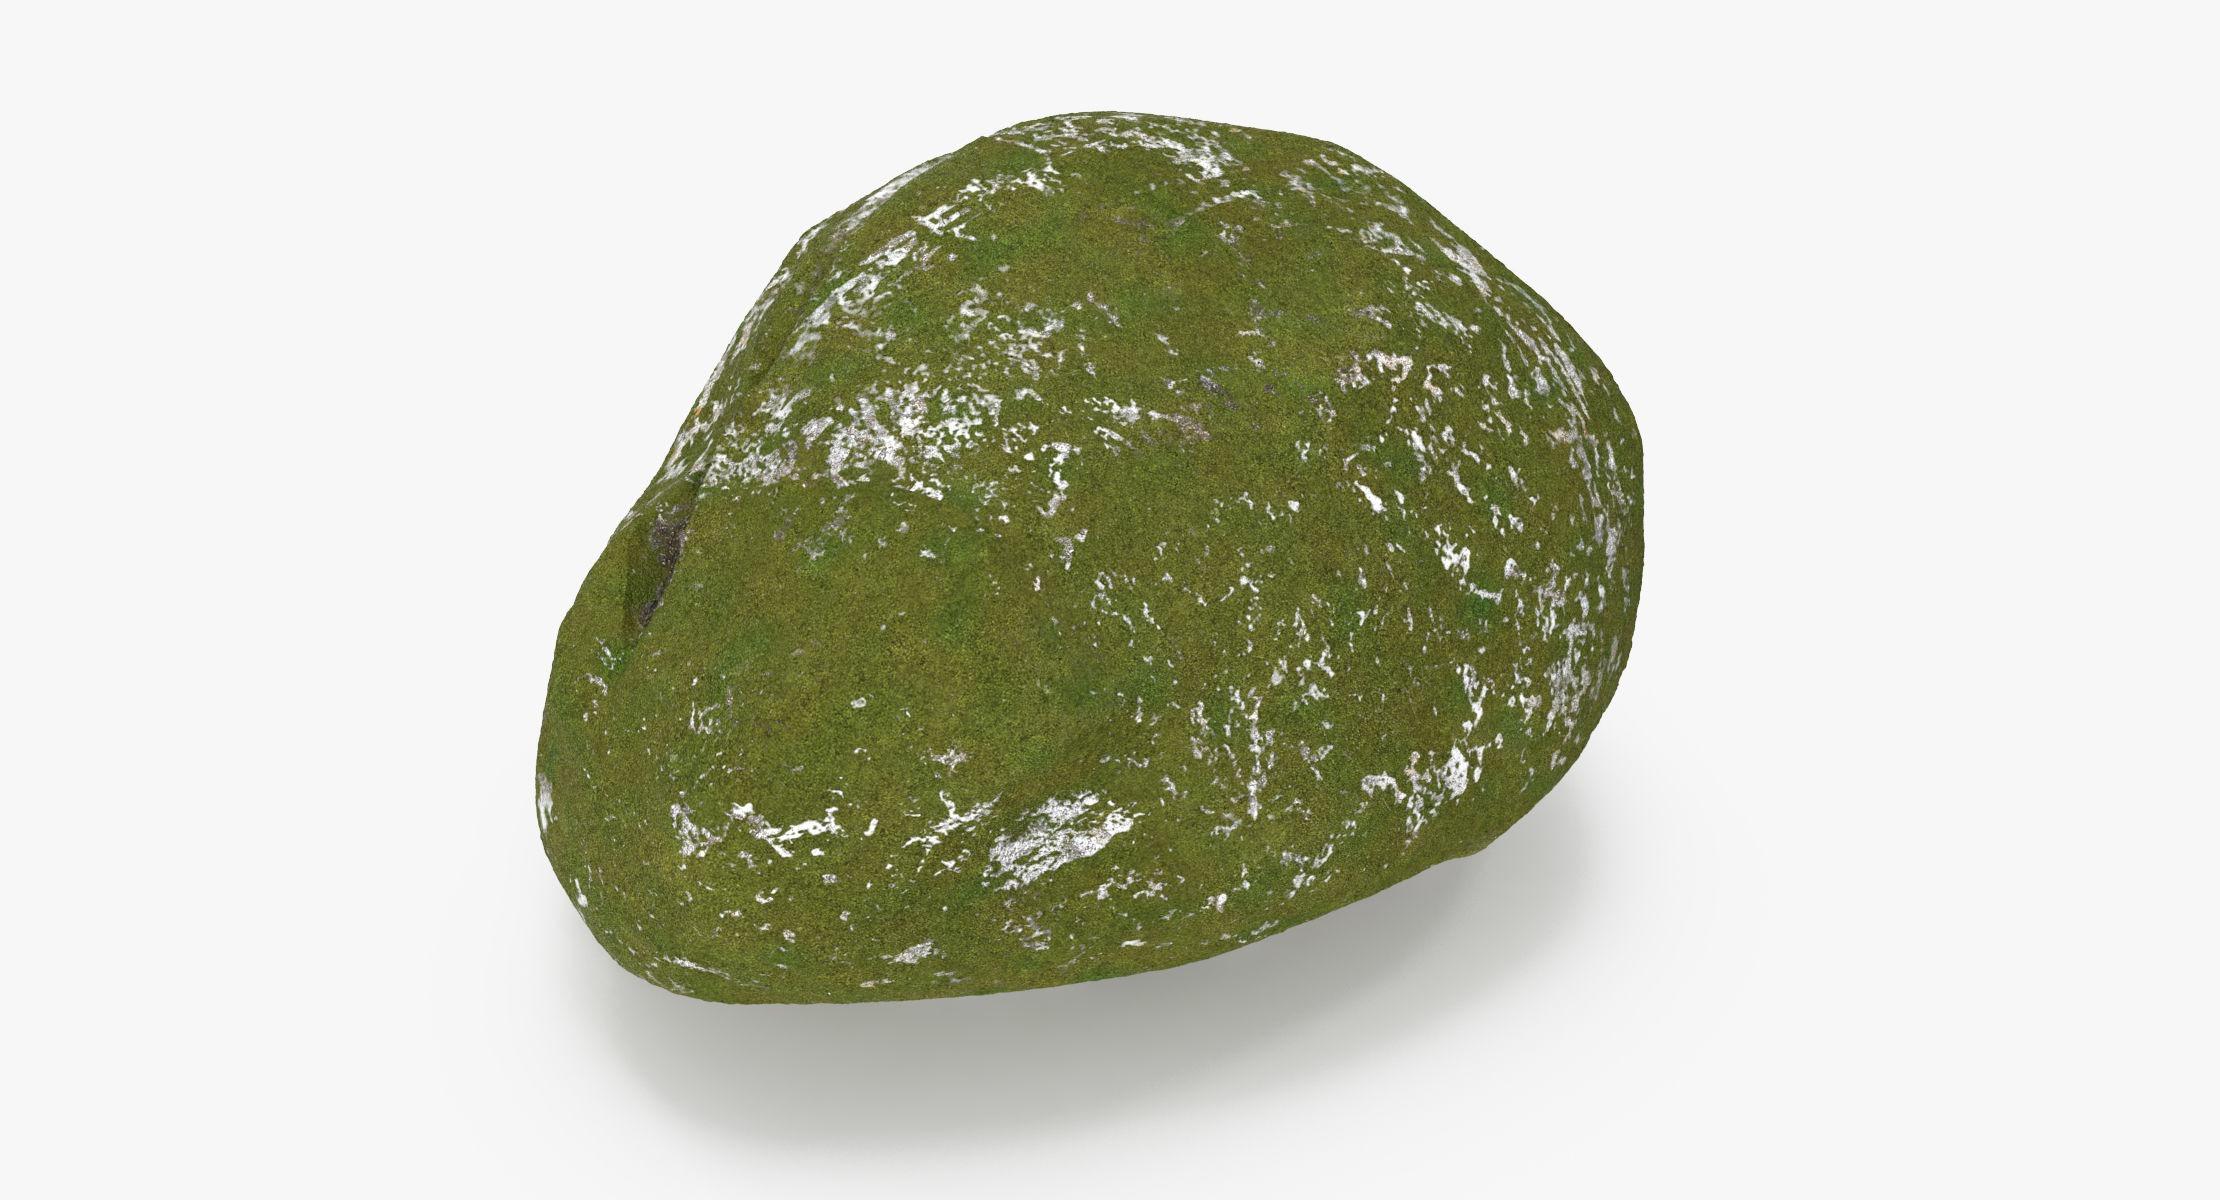 Mossy Rock 03 - reel 1